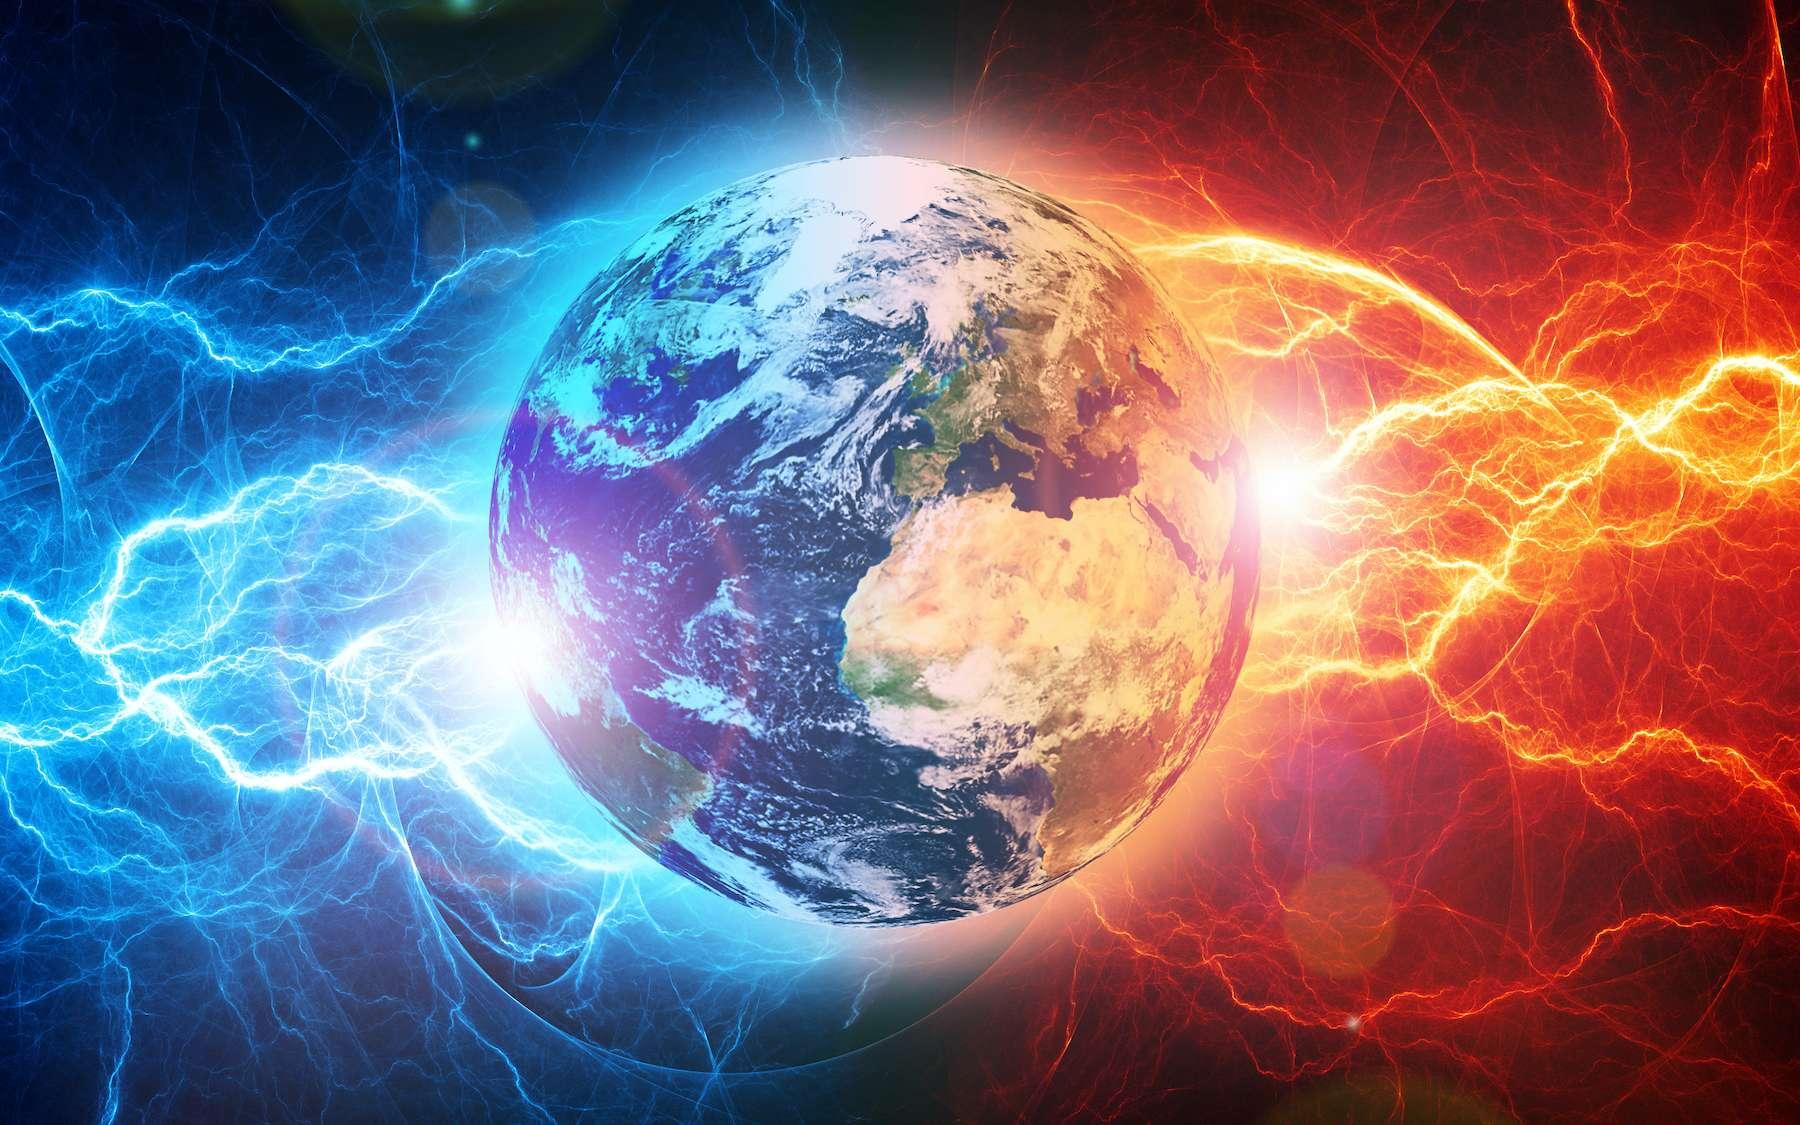 Une mégatempête solaire aurait des conséquences cataclysmiques sur les infrastructures et les organismes vivants. © Martin Capek, Adobe Stock